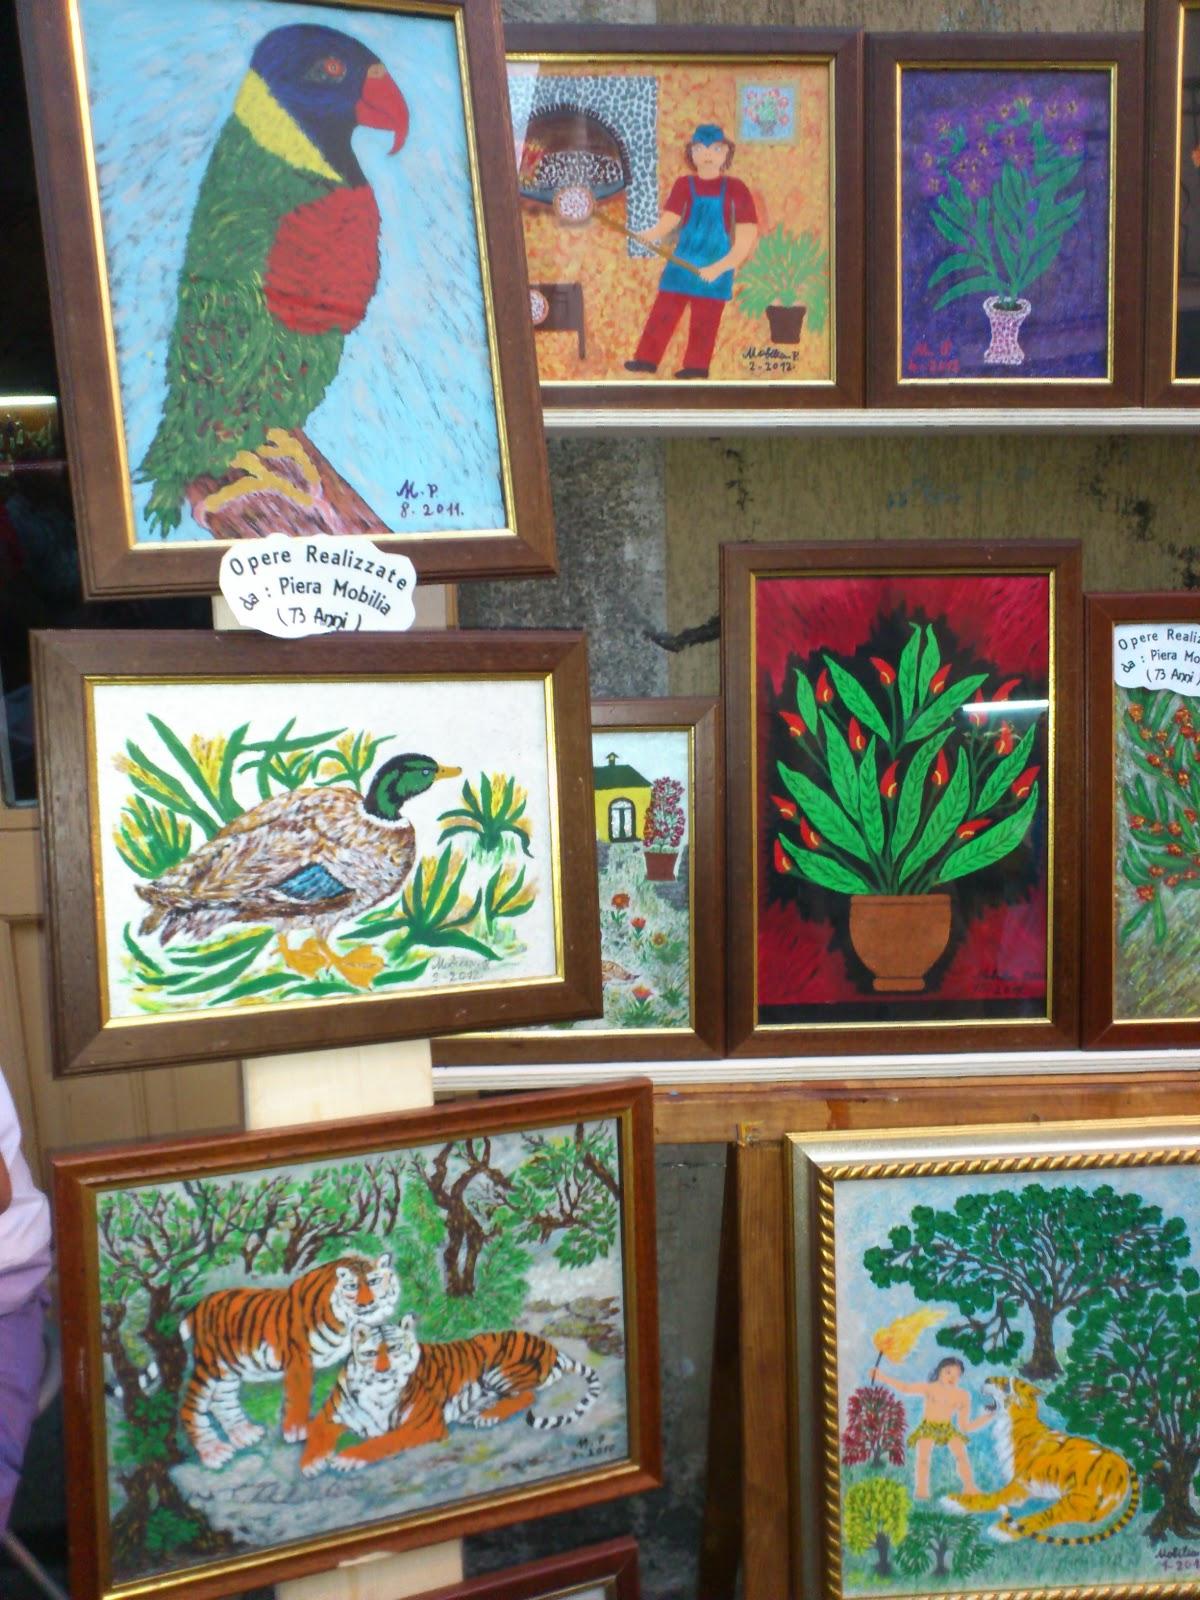 Al bar etna randazzo arte 2012 concorso di pittura for Mobilia randazzo